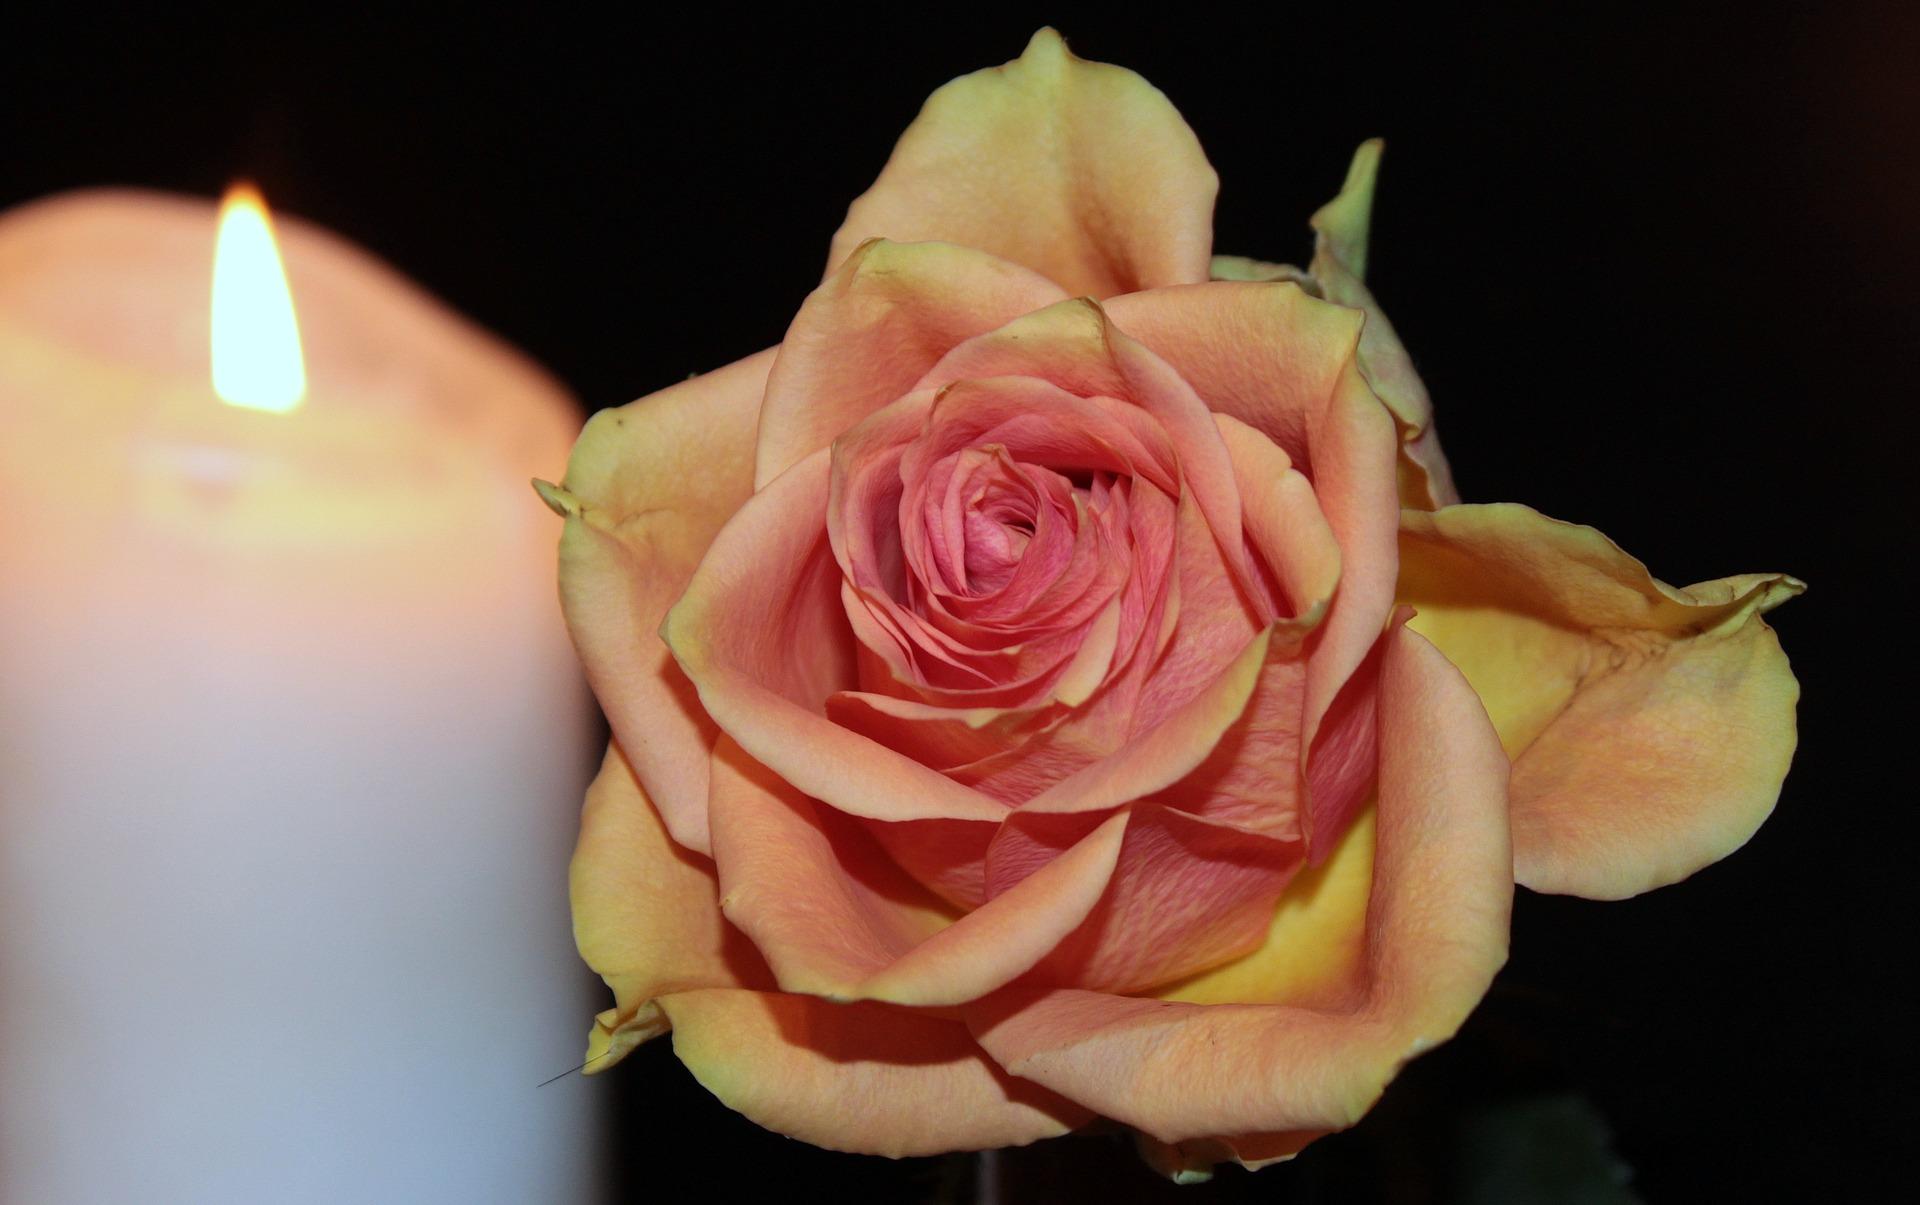 rose-1273723_1920